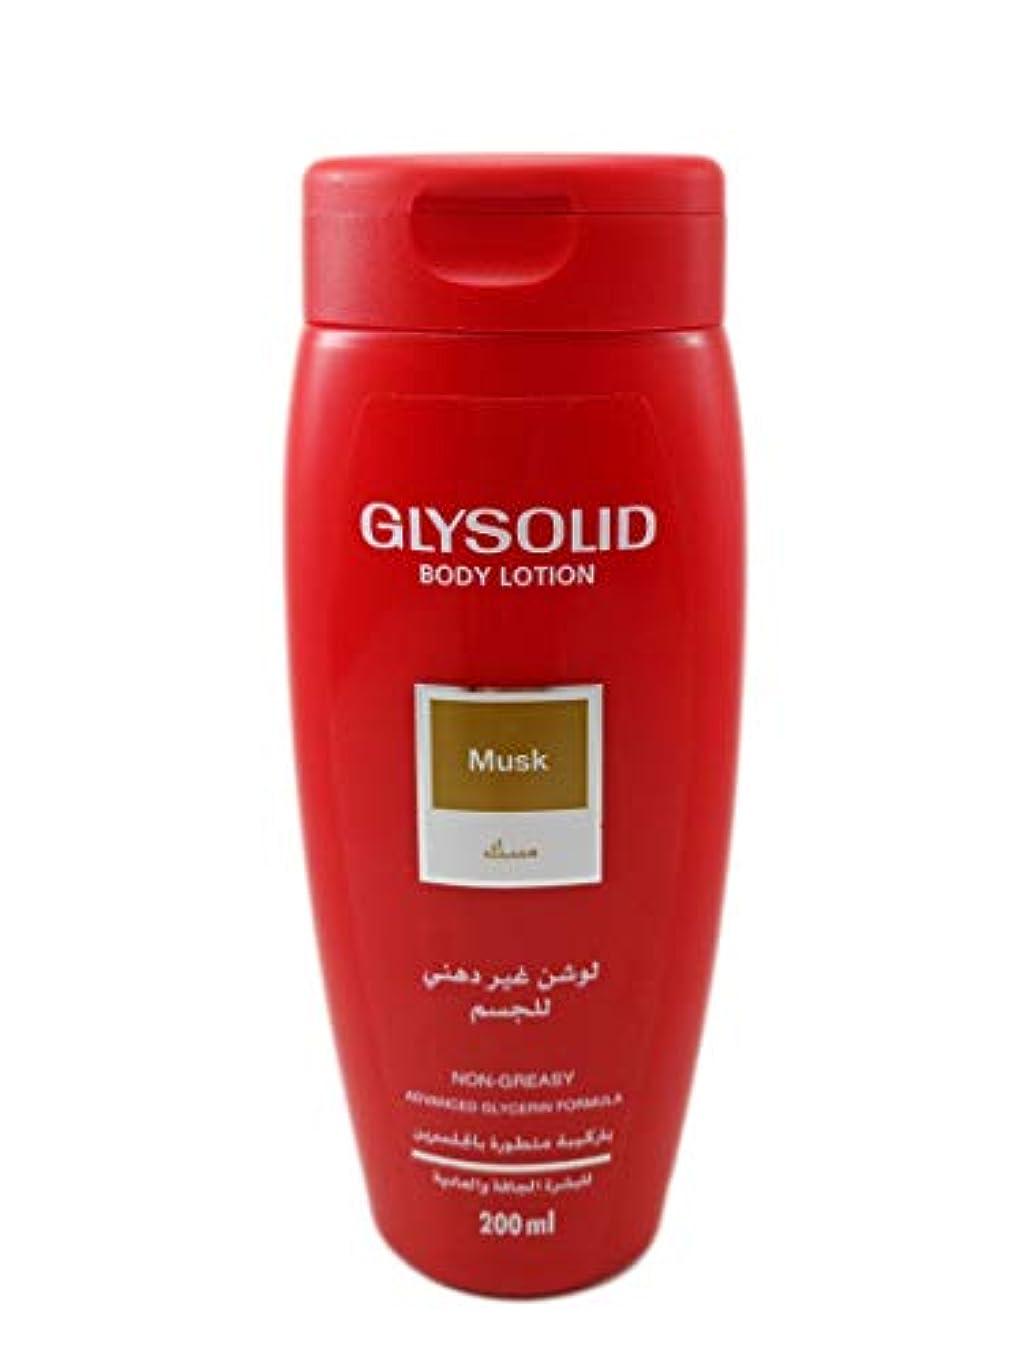 音楽を聴く母性翻訳Glysolid Body Lotion Classic & Musk & Sensitive Moisturizers For Skin Hands Feet Elbow Body Softening With Glycerin...